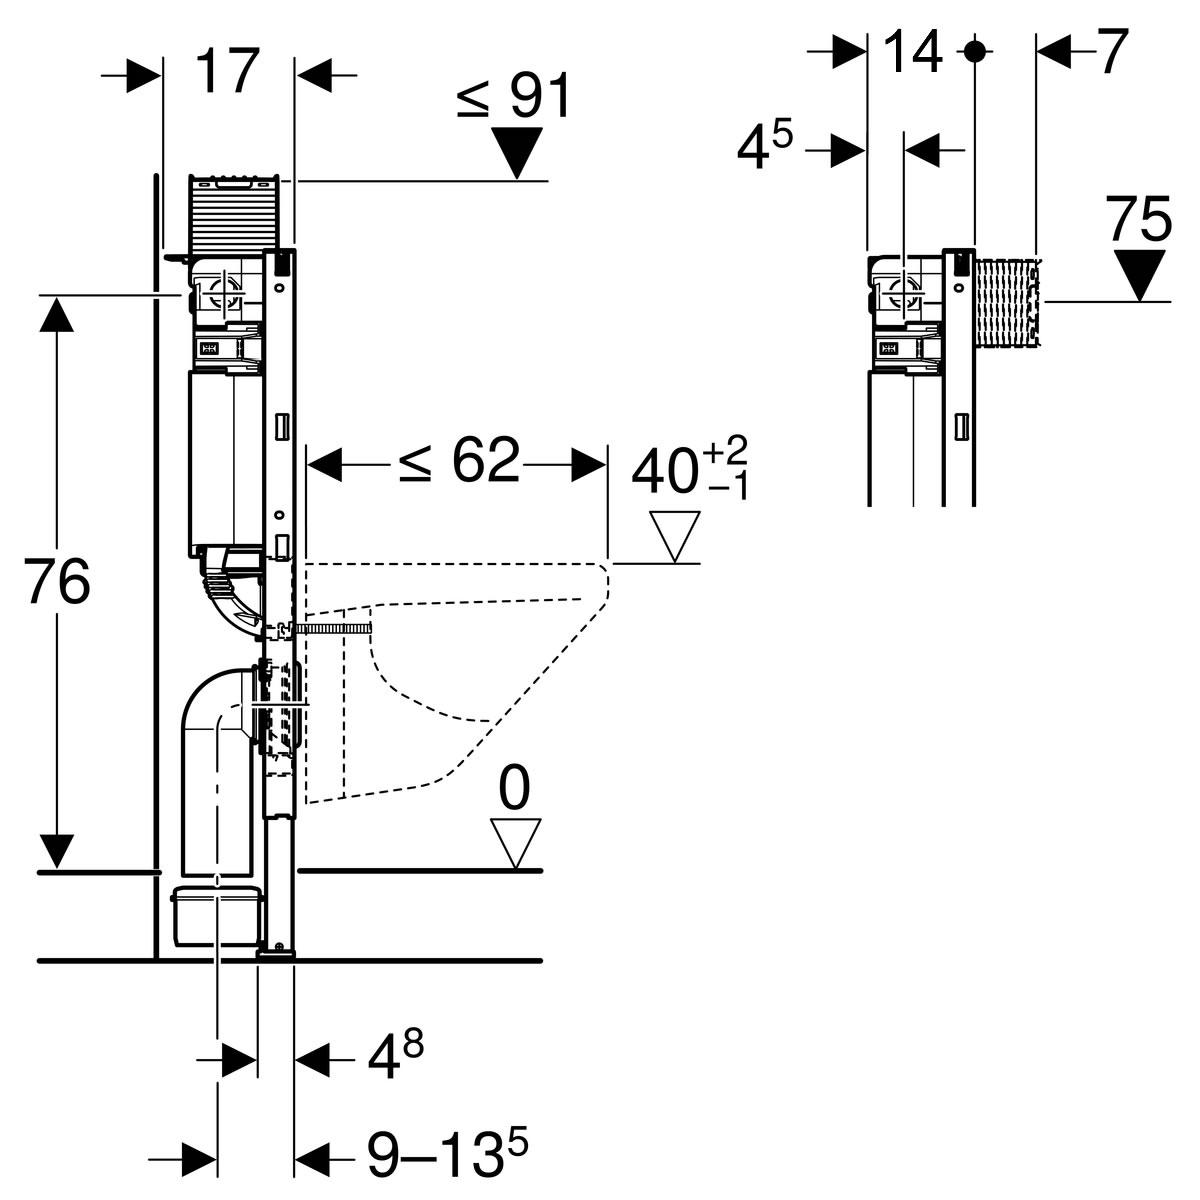 Geberit Duofix Element für Wand-WC, Höhe 15 cm, mit OMEGA UP-Spülkasten -  15